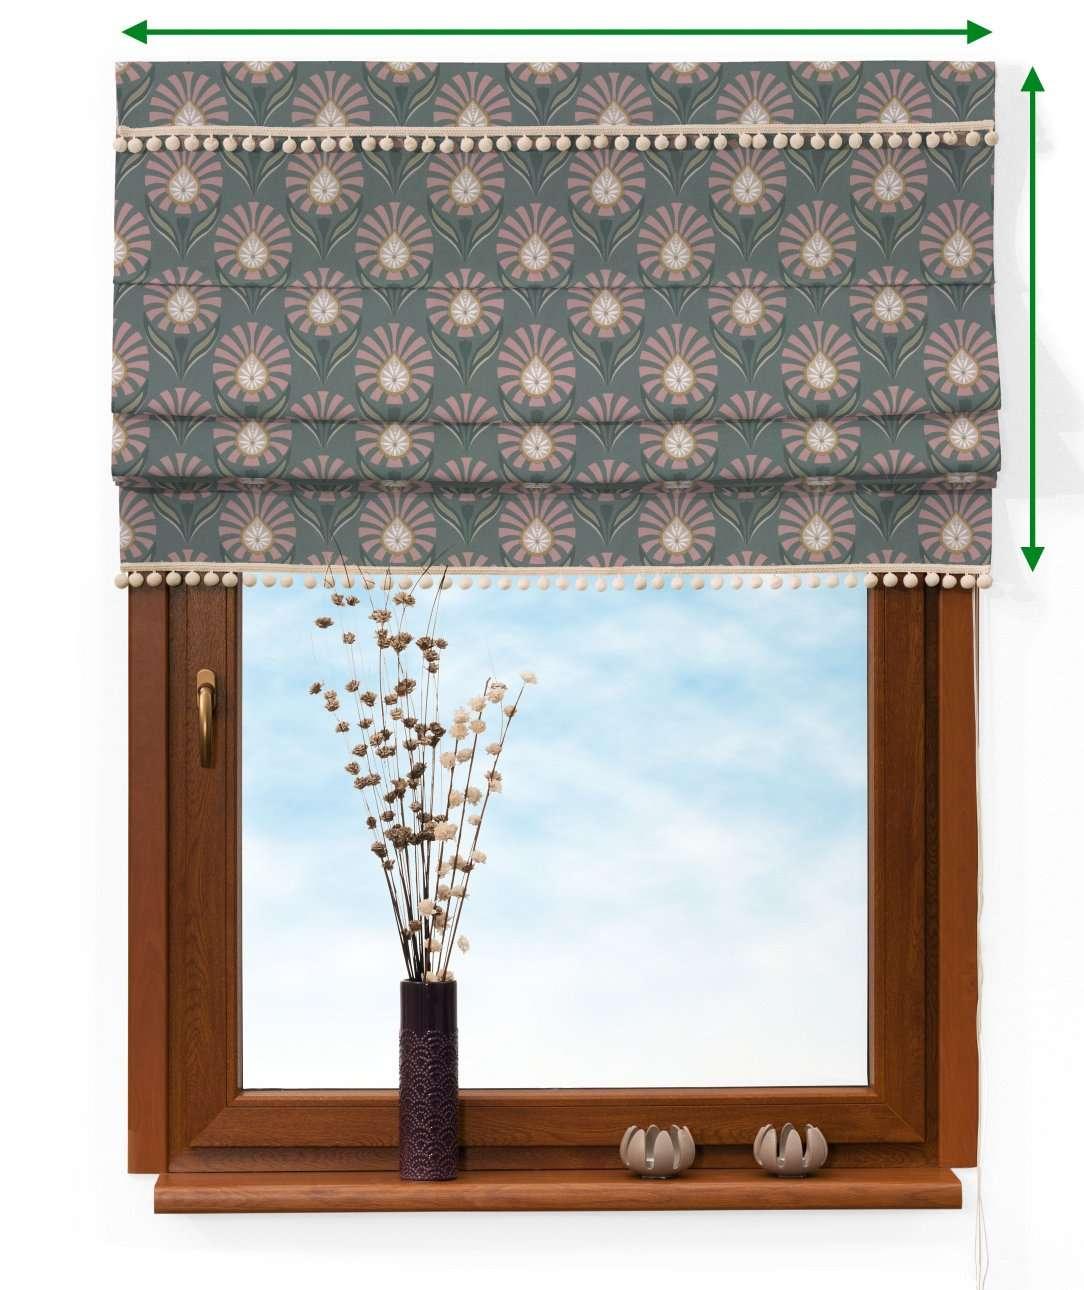 Vouwgordijn met pompons van de collectie Gardenia, Stof: 142-17